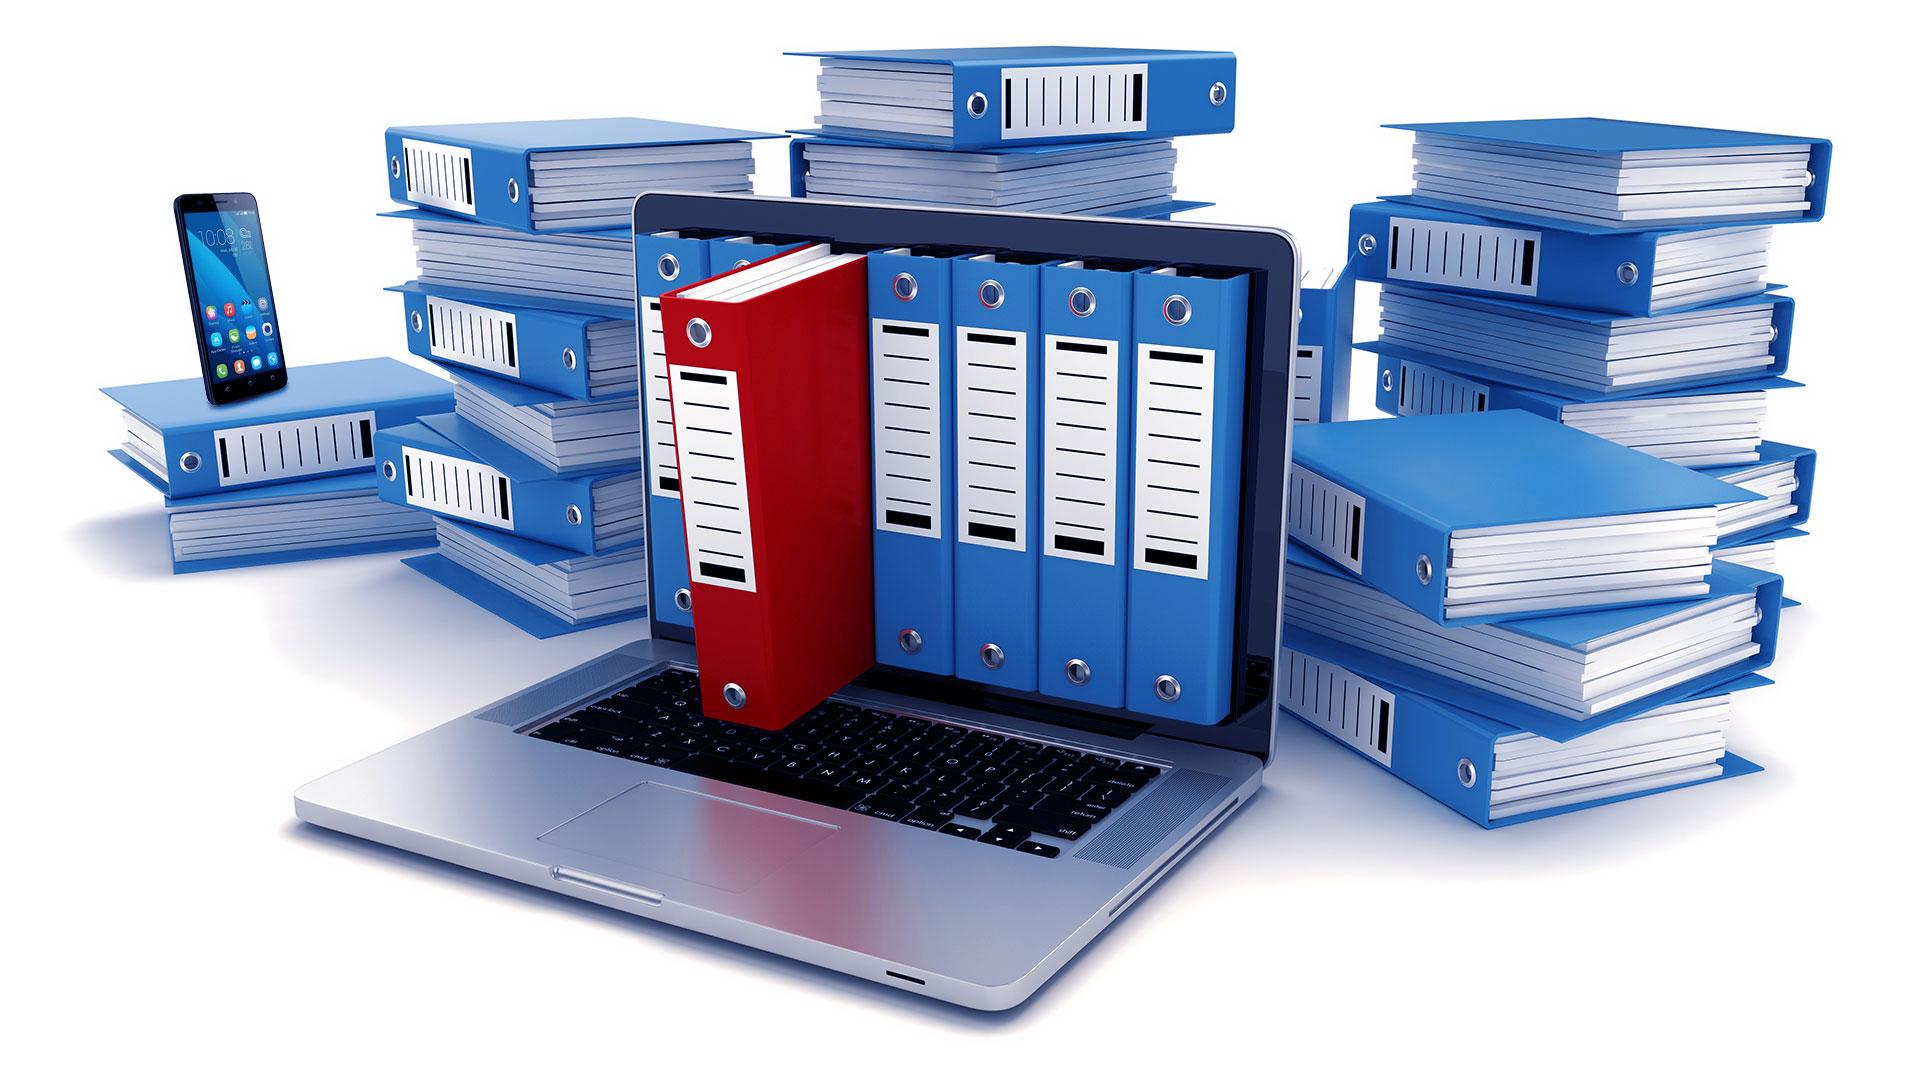 Archiviatori file ad anelli e cartonai che escono da un monitor di notebook e si accatastano in variante di blu: SGA Archiviazione Documenti a Milano e in Lombardia